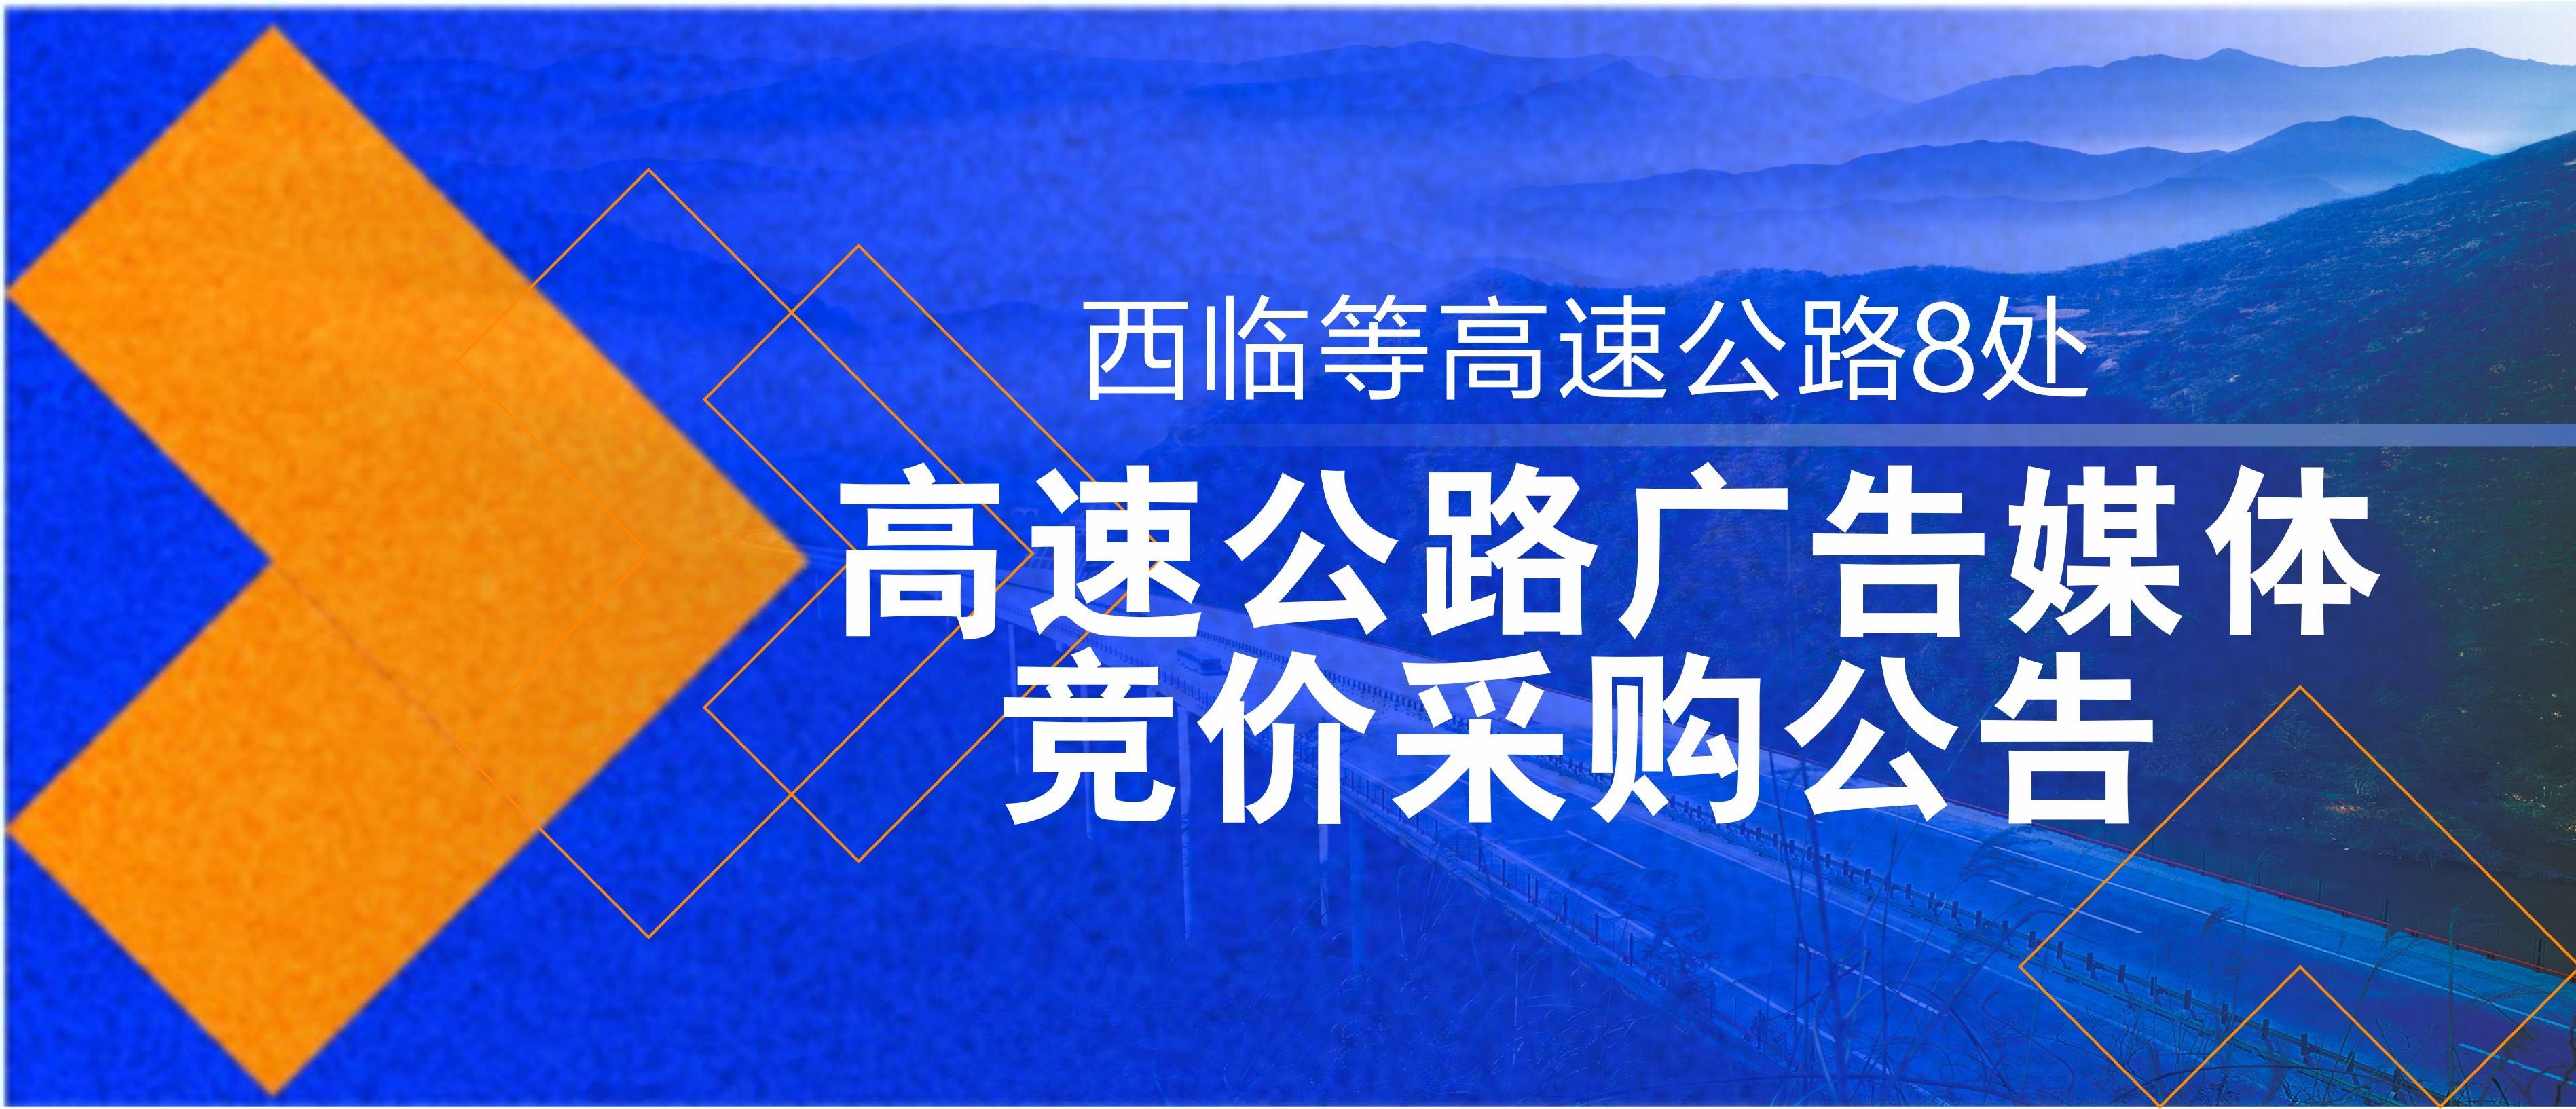 西临等高速公路8处优质跨线桥广告媒体租赁竞价采购公告